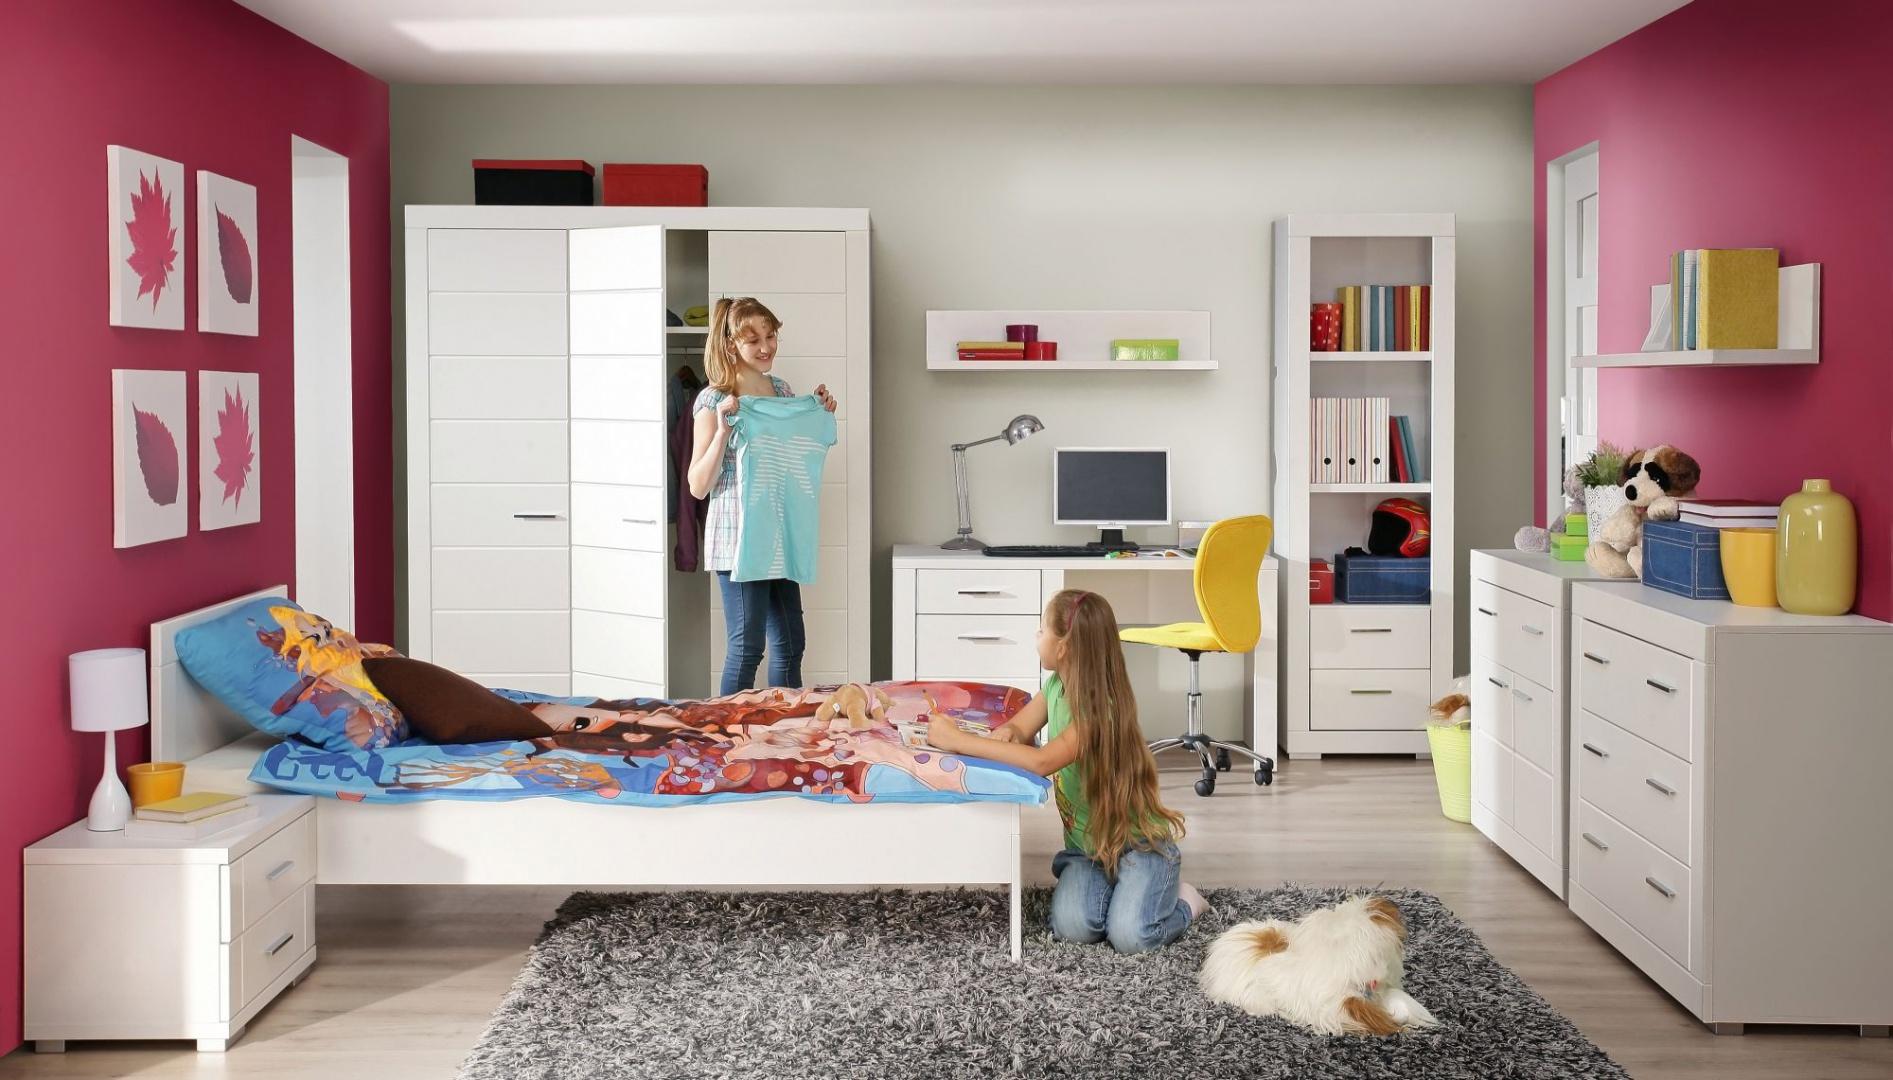 Kolekcja Snow do pokoju dziecka to modne, białe meble, które ożywią każdą aranżację. Dla przełamania monotonii białego koloru, warto zestawić meble z kolorowymi ścianami. Fot. Forte.